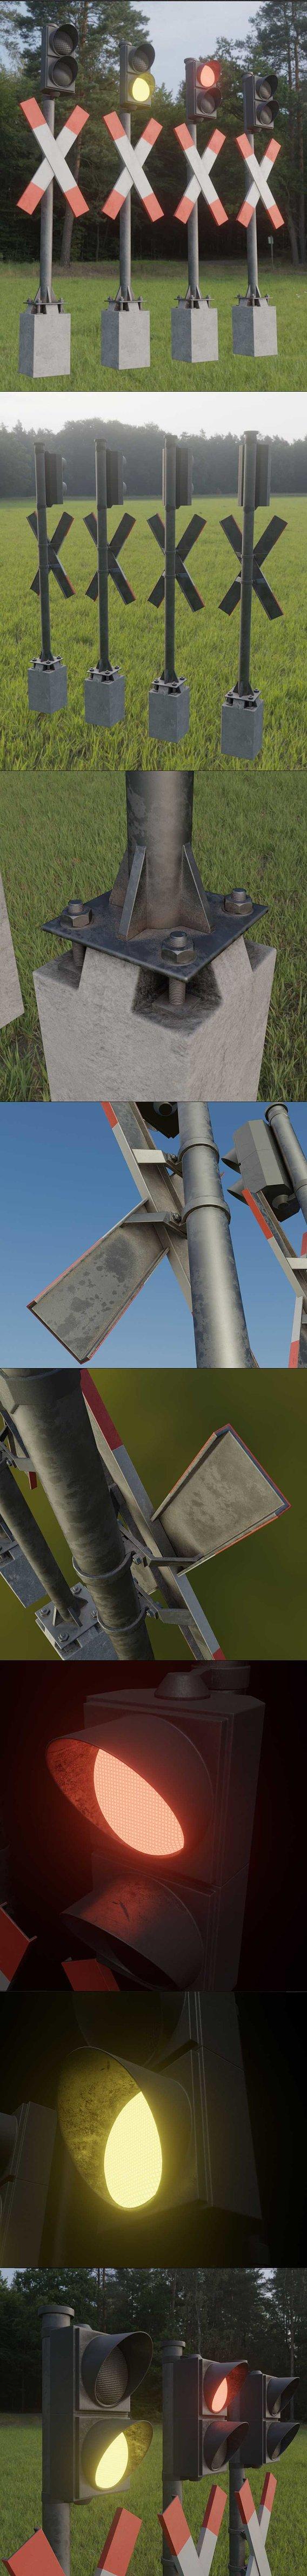 Low-Poly Andreaskreuze Version 3 with Traffic Lights (Blender-2.92 Eevee)